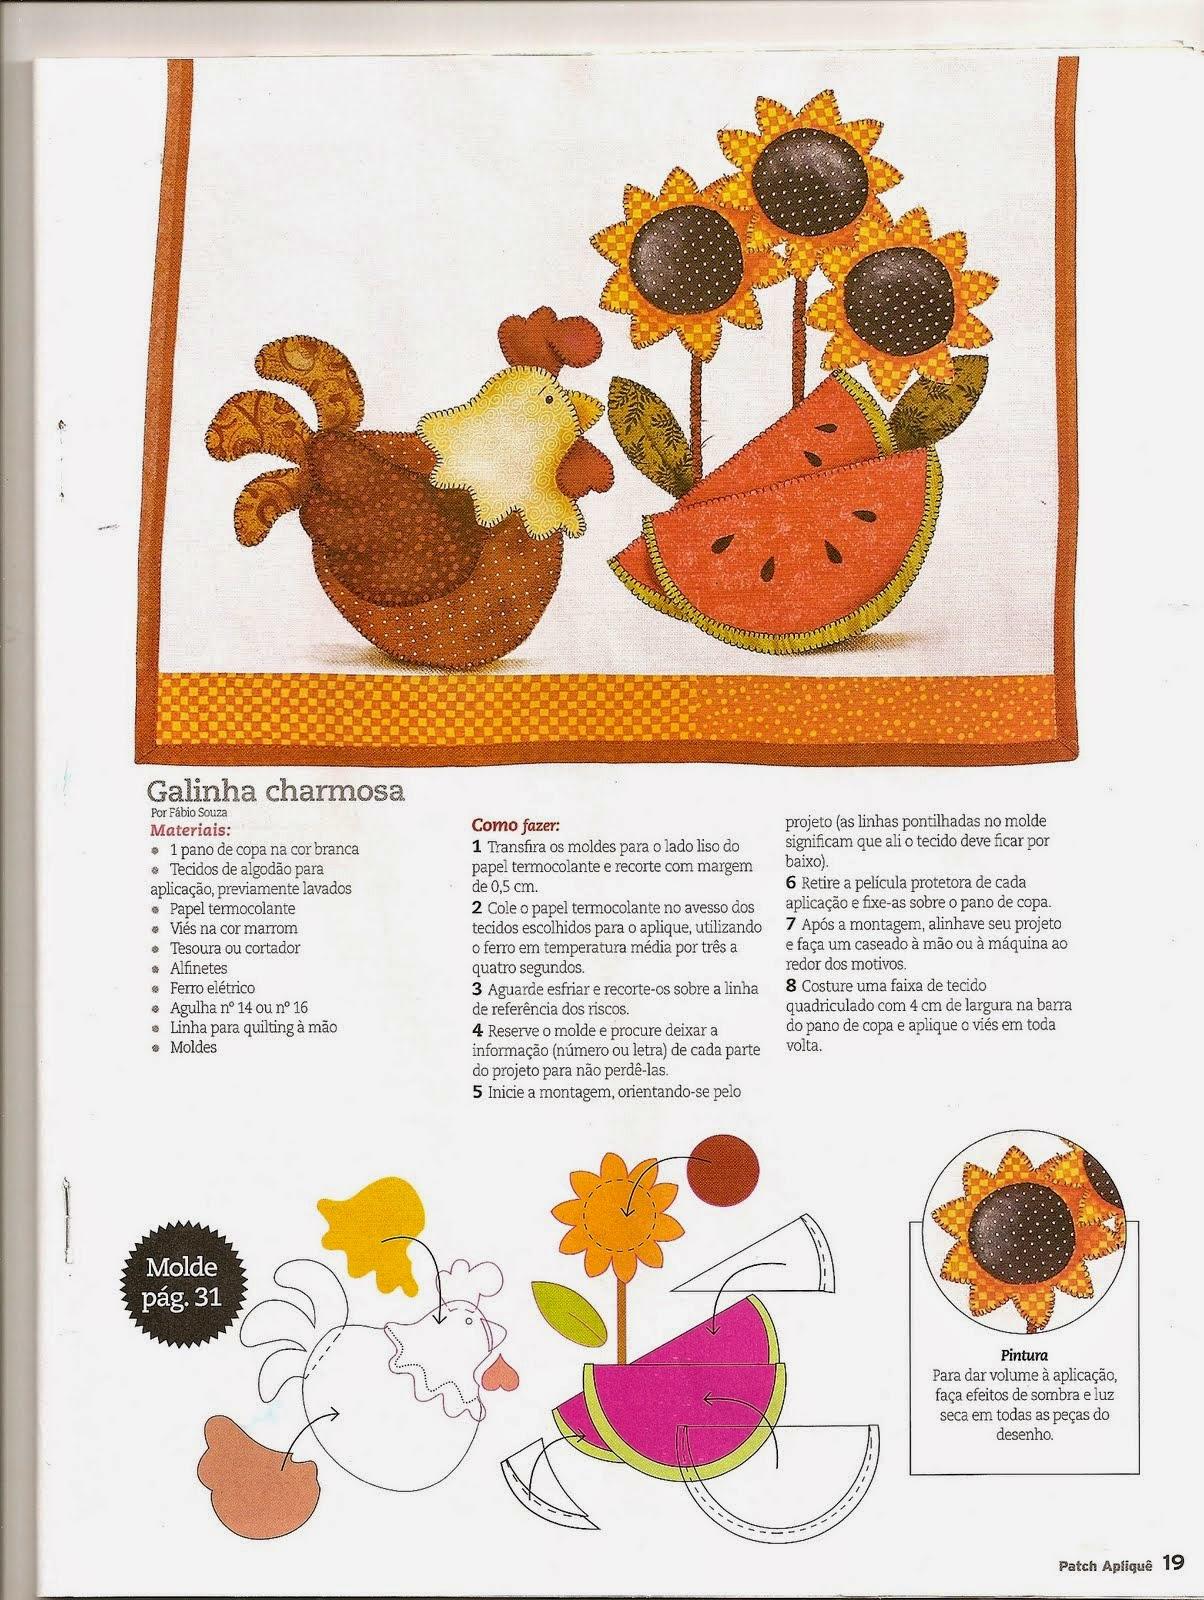 Riscos de galinha e melancia para patchwork